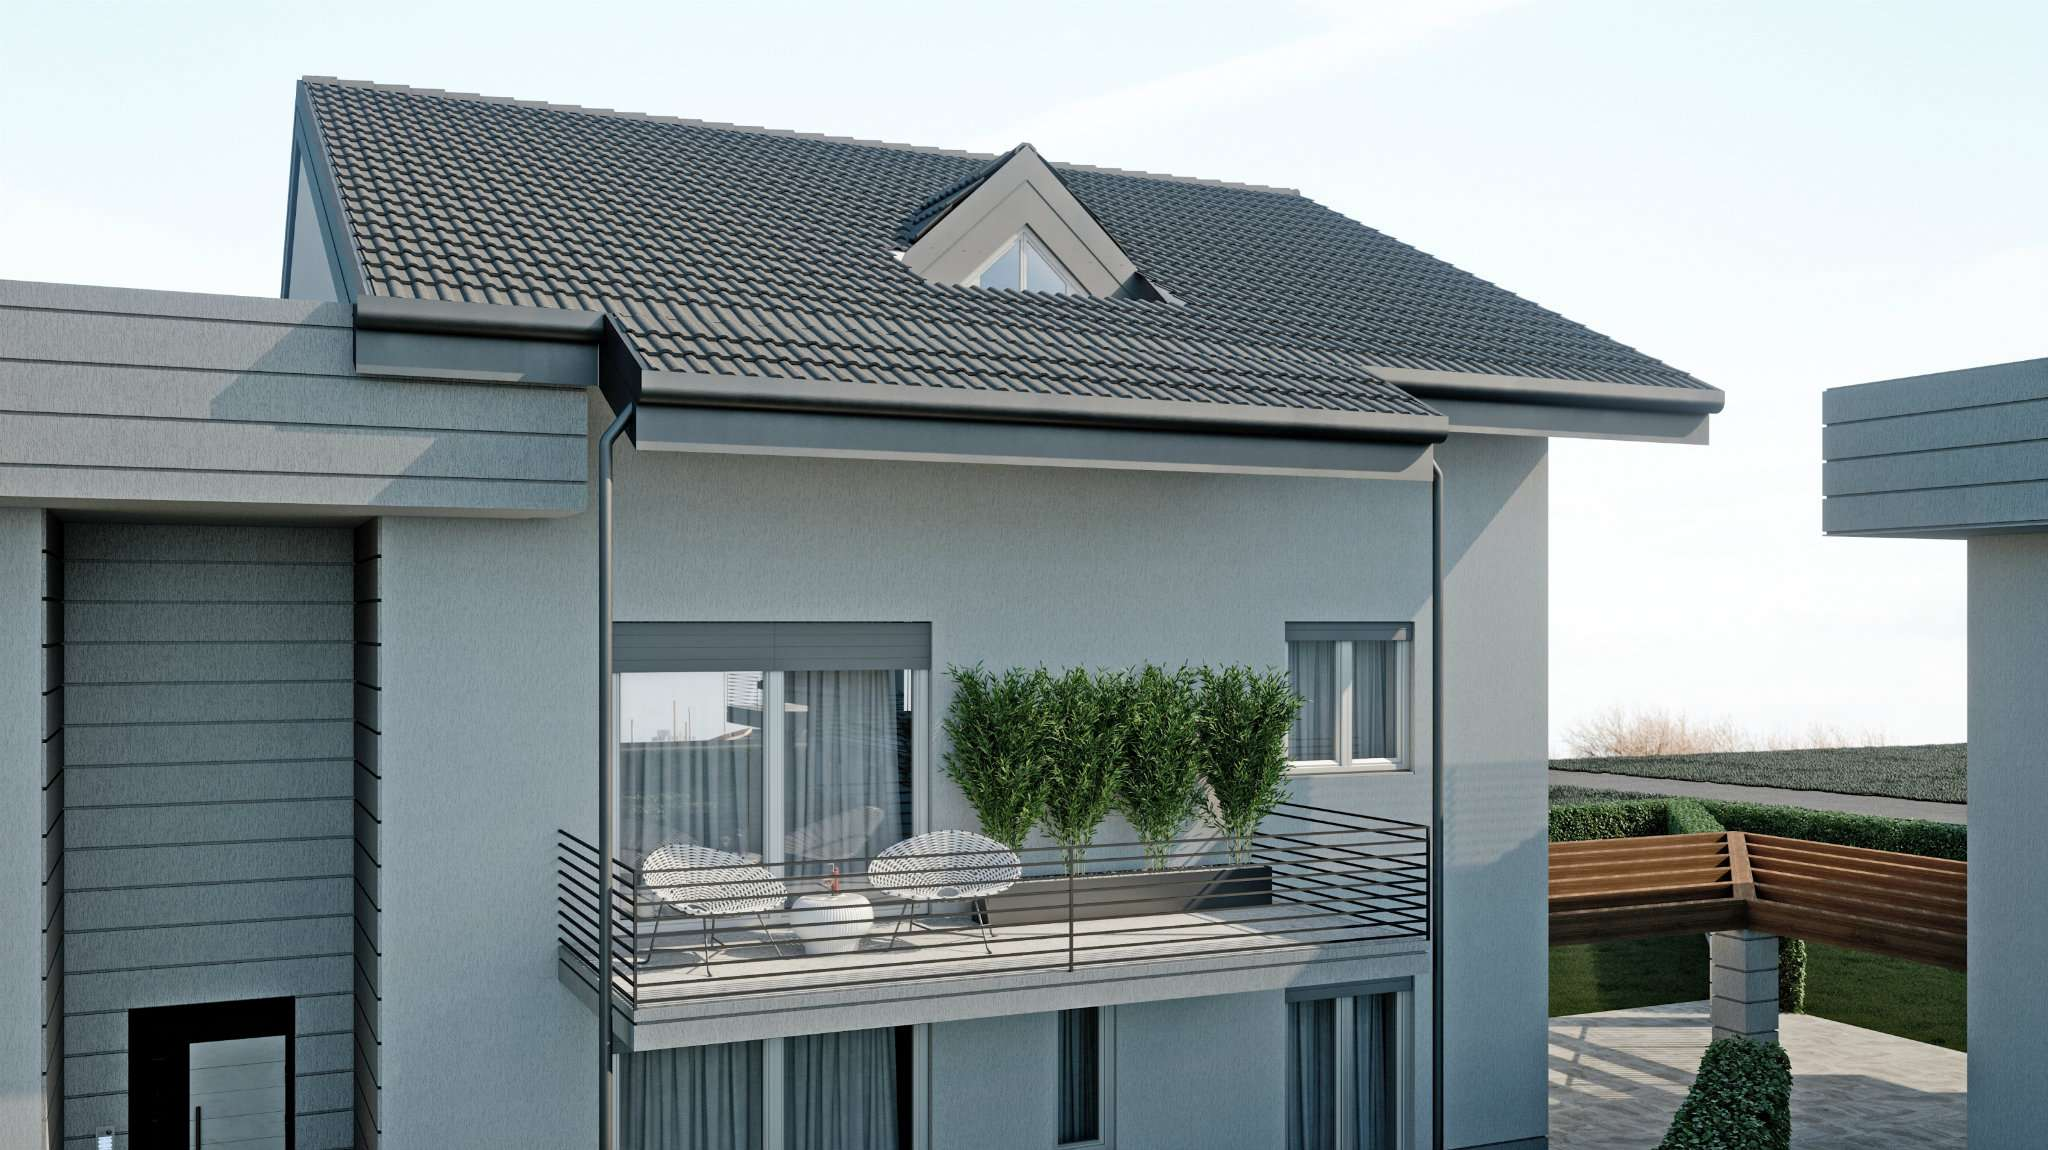 Appartamento in vendita a Mezzago, 3 locali, prezzo € 169.000 | CambioCasa.it